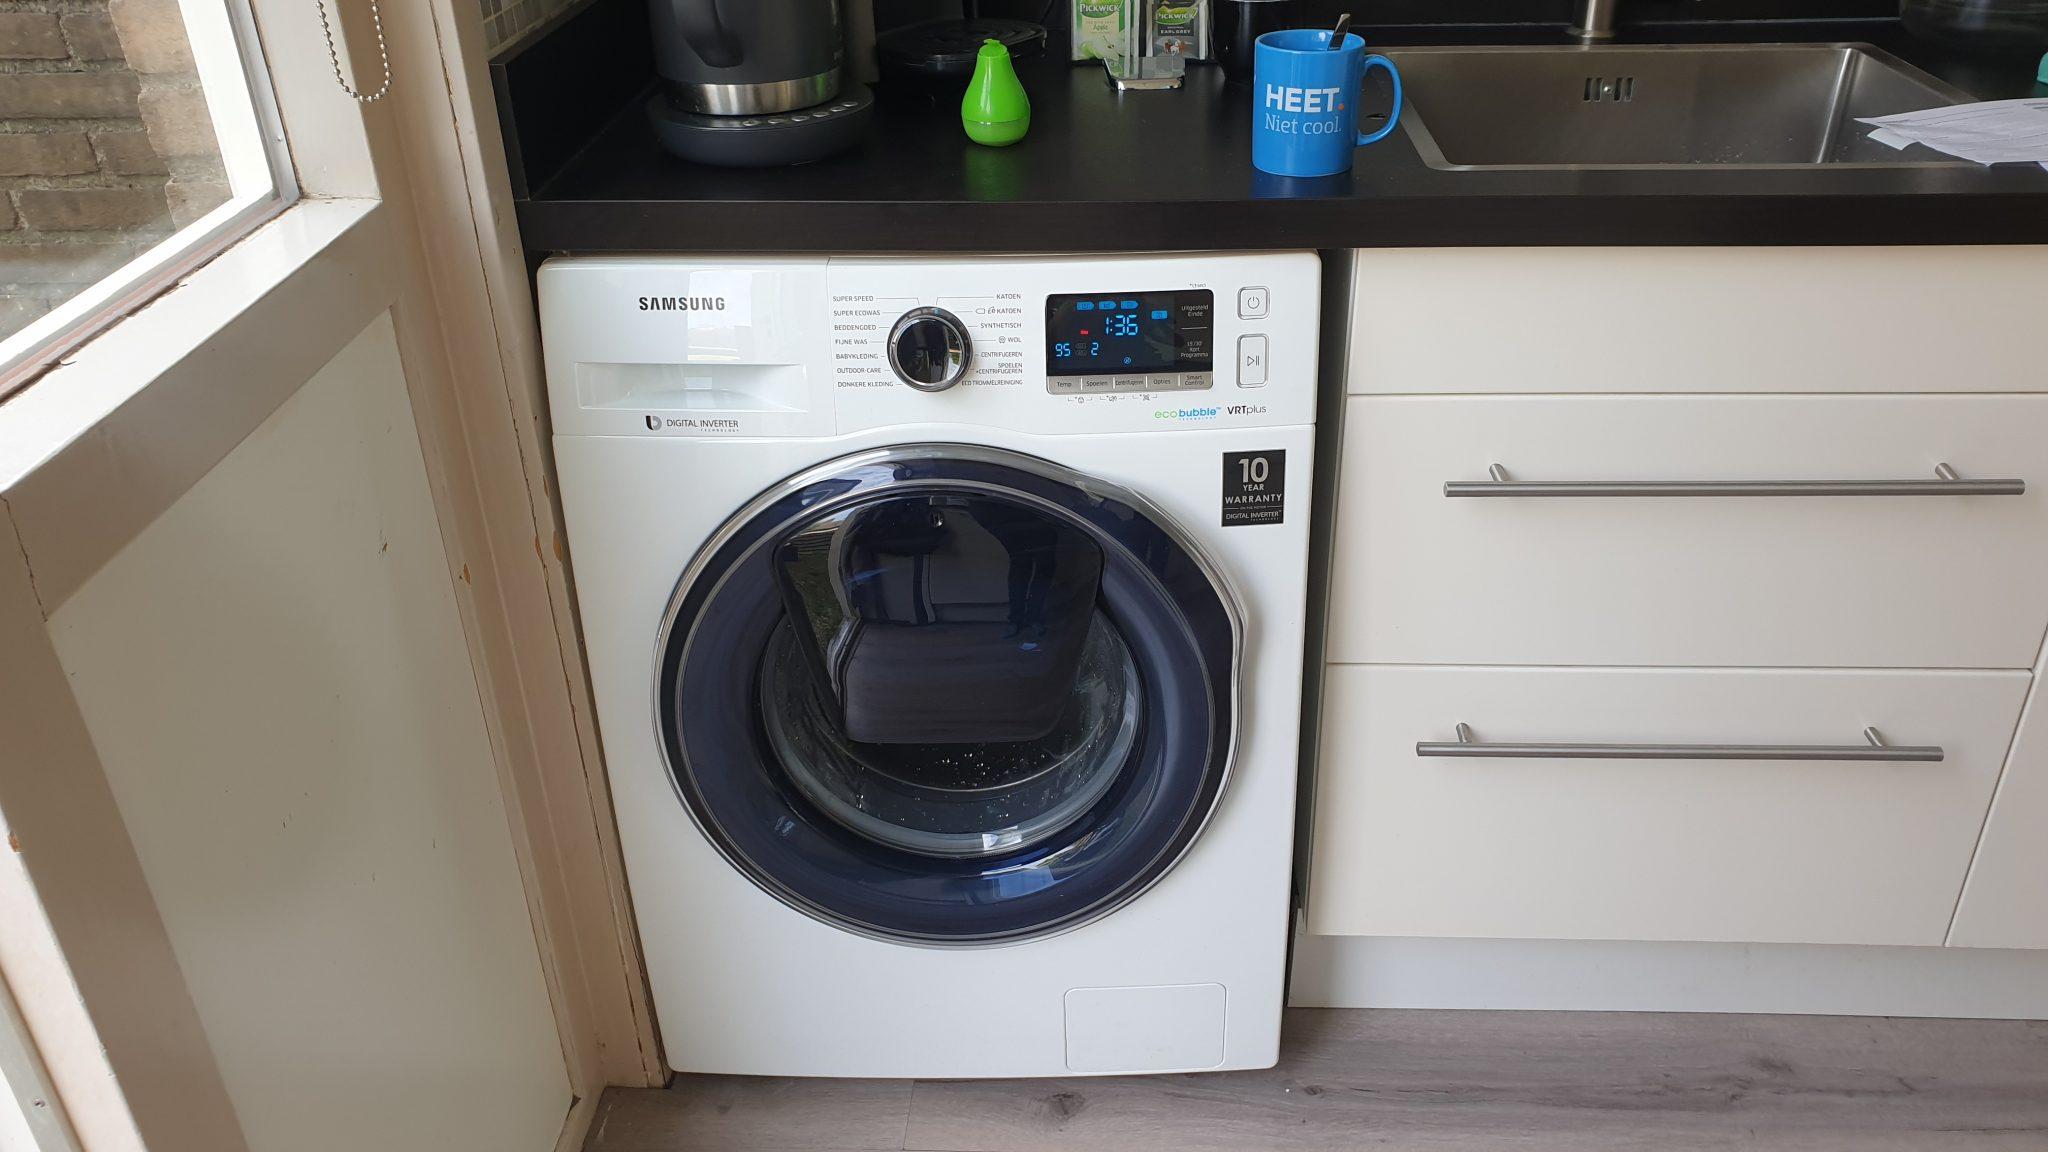 Onze nieuwe wasmachine werd in de ochtend geleverd